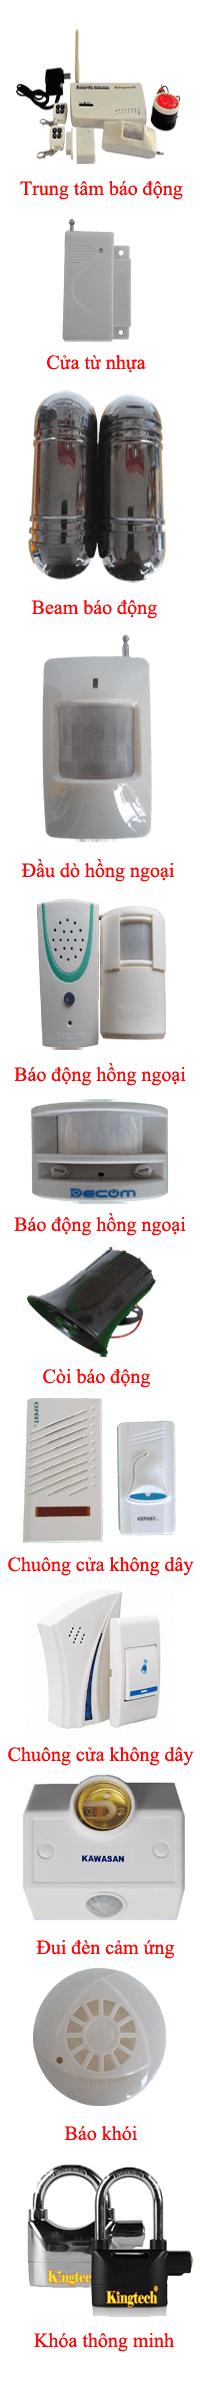 bao dong